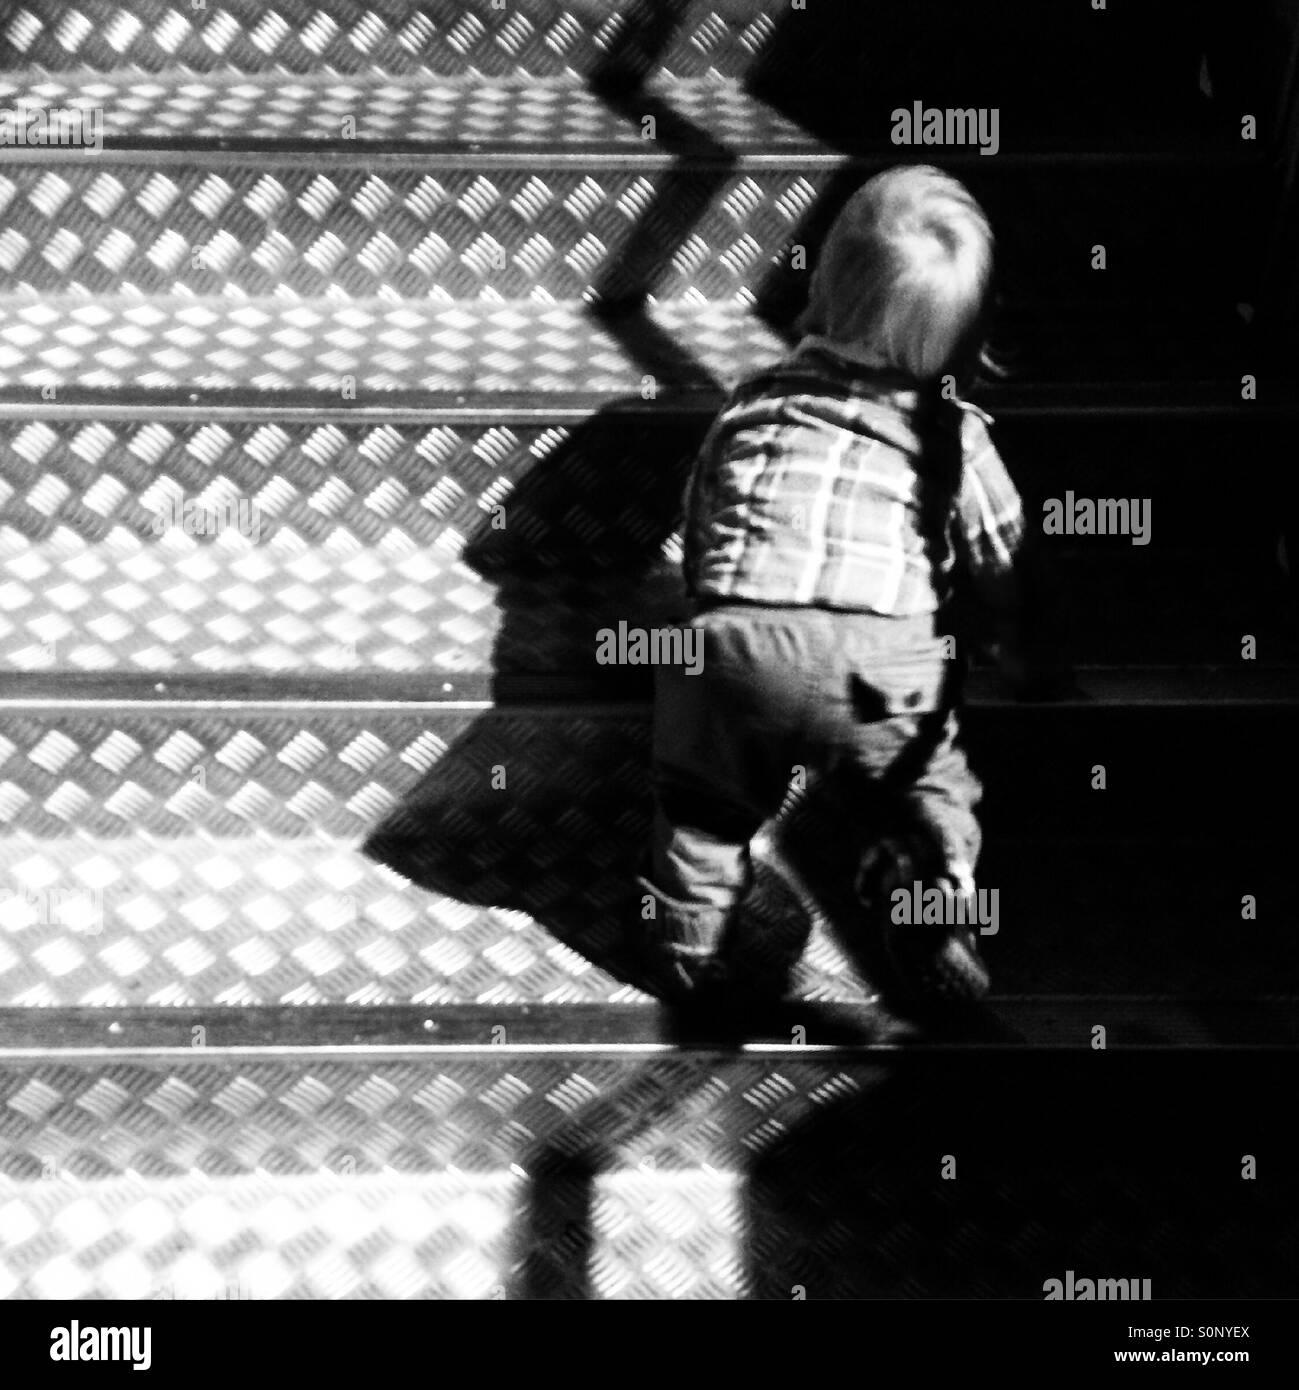 Junge Kleinkind beim Treppensteigen Stockbild